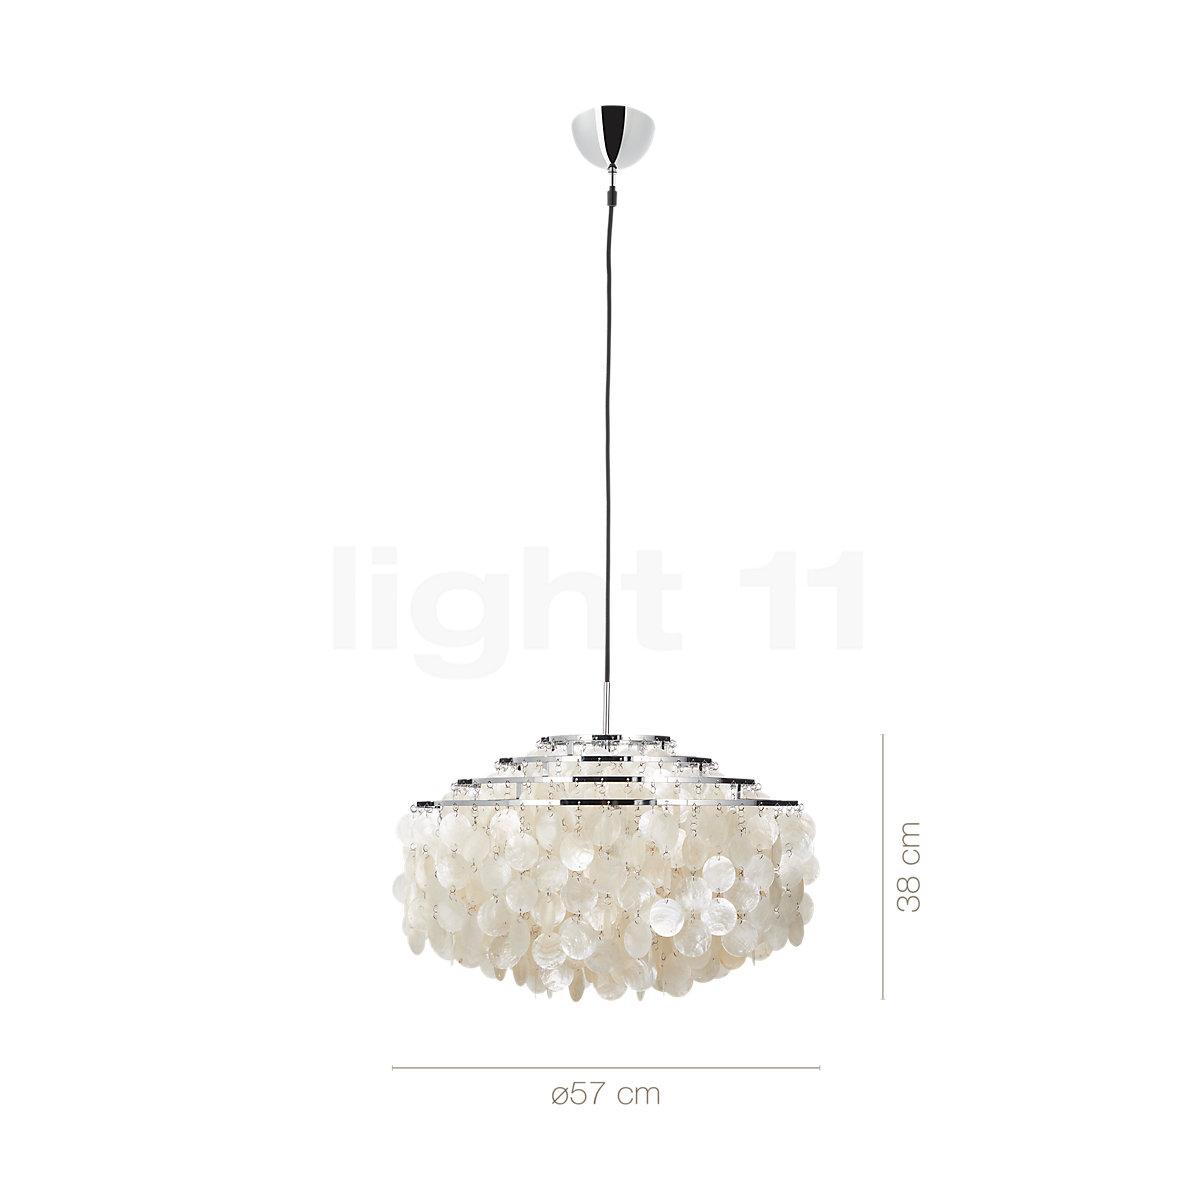 Verpan Fun 10dm Pendant Light At Light11 Eu